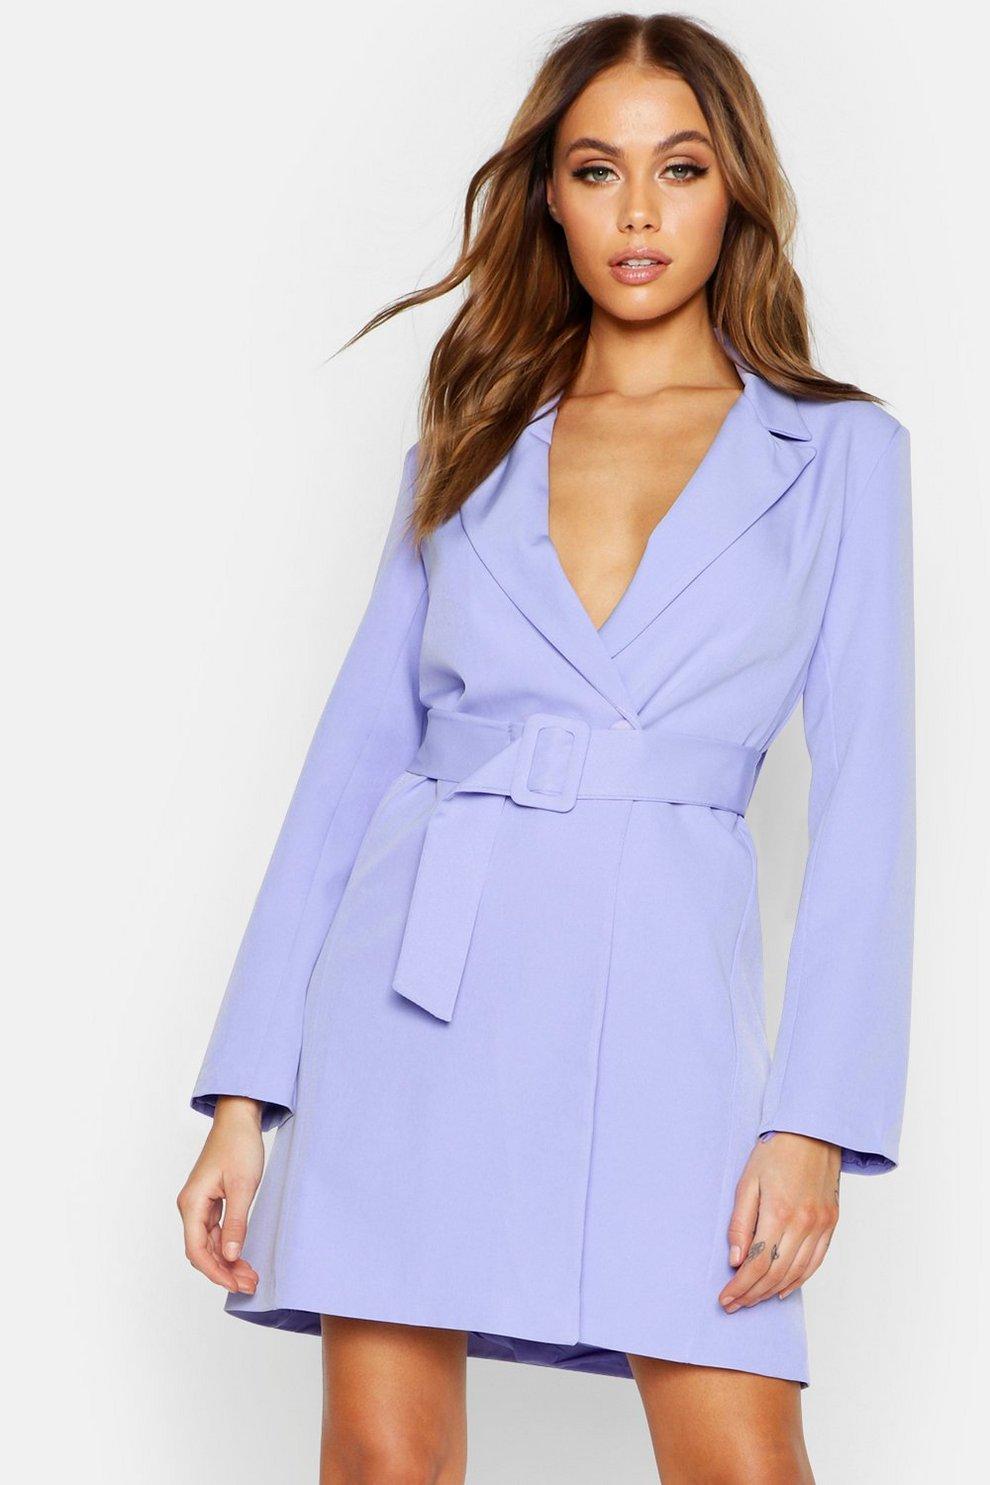 59a8412a0736 Woven Belted Blazer Dress | Boohoo